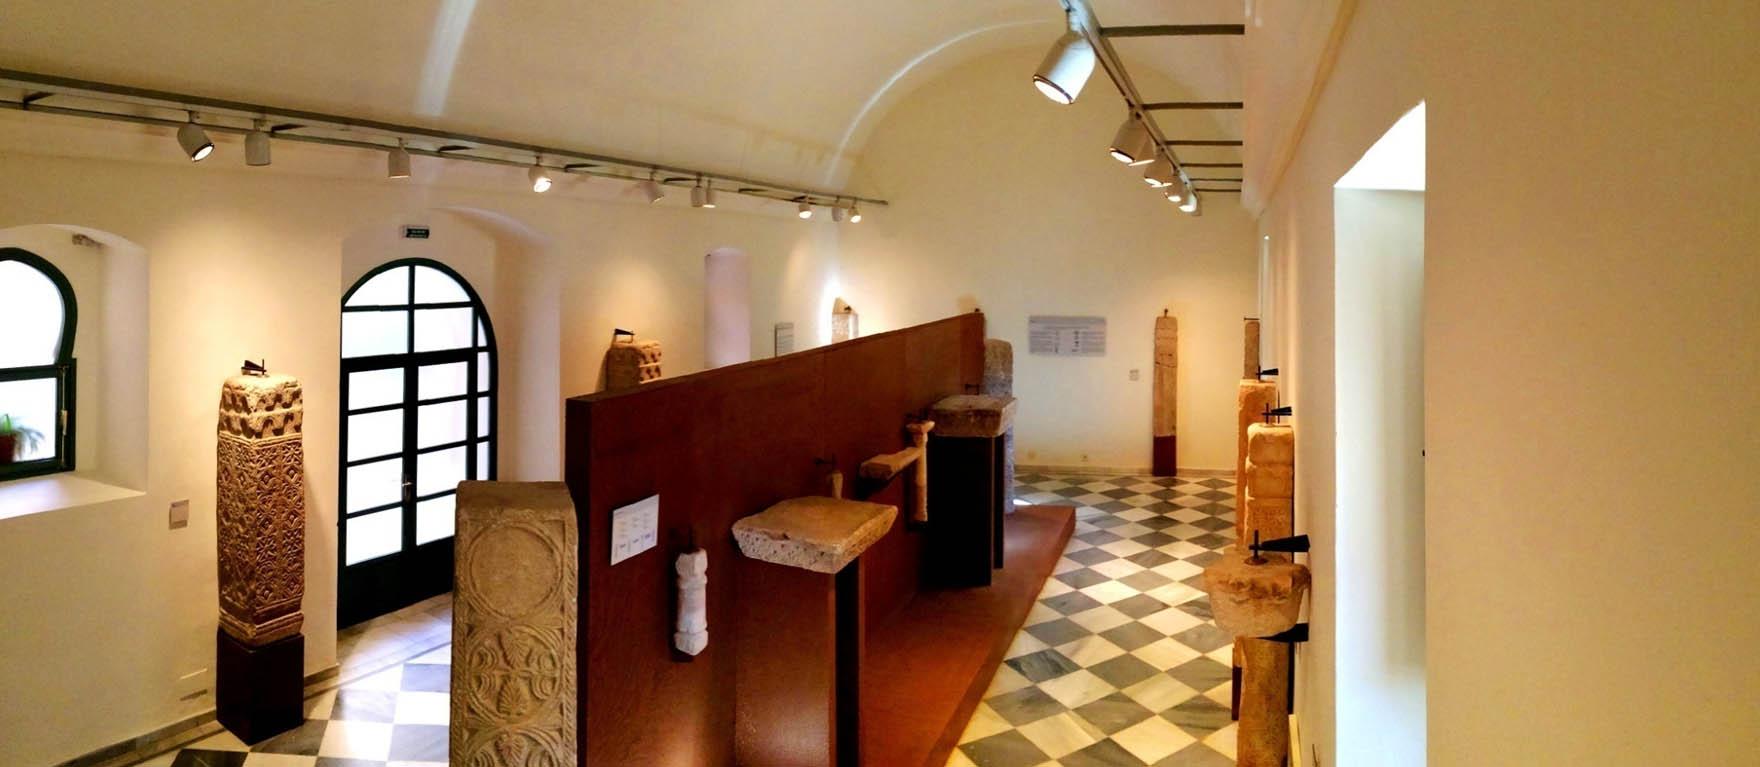 Lámina 19. Sala abovedada de la planta baja del Museo Arqueológico Provincial de Badajoz